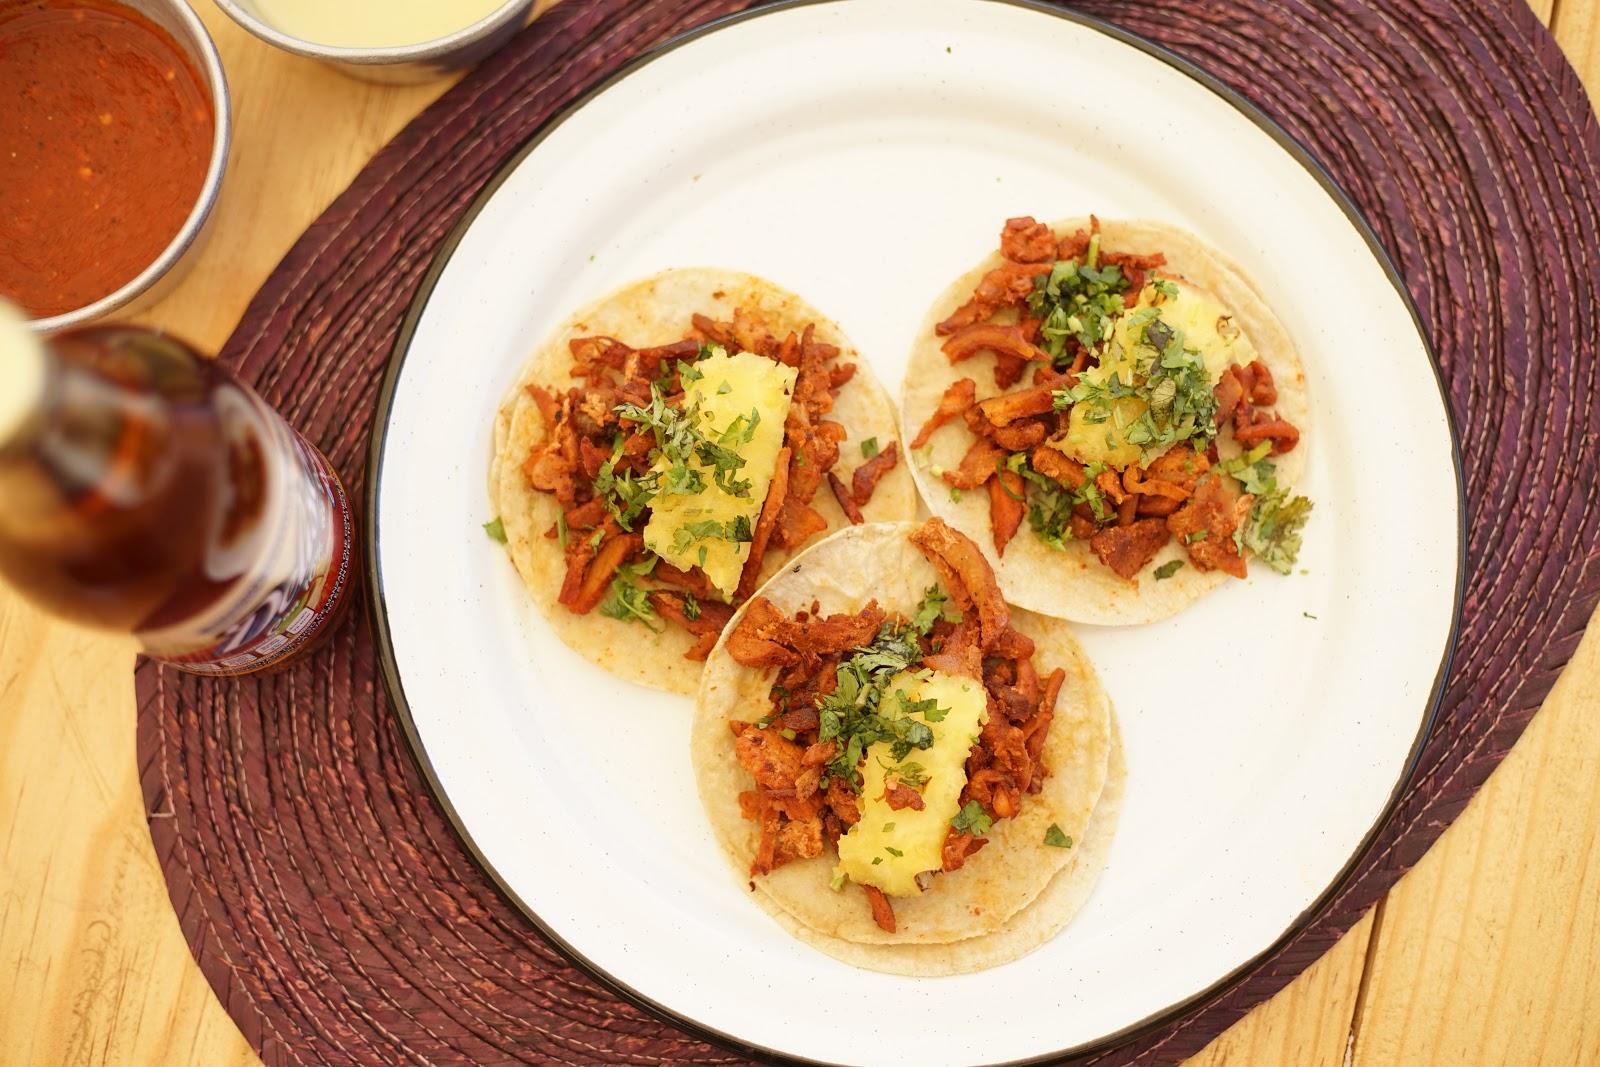 ¿Ya probaste los deliciosos tacos de pastor rojo de La Covacha?